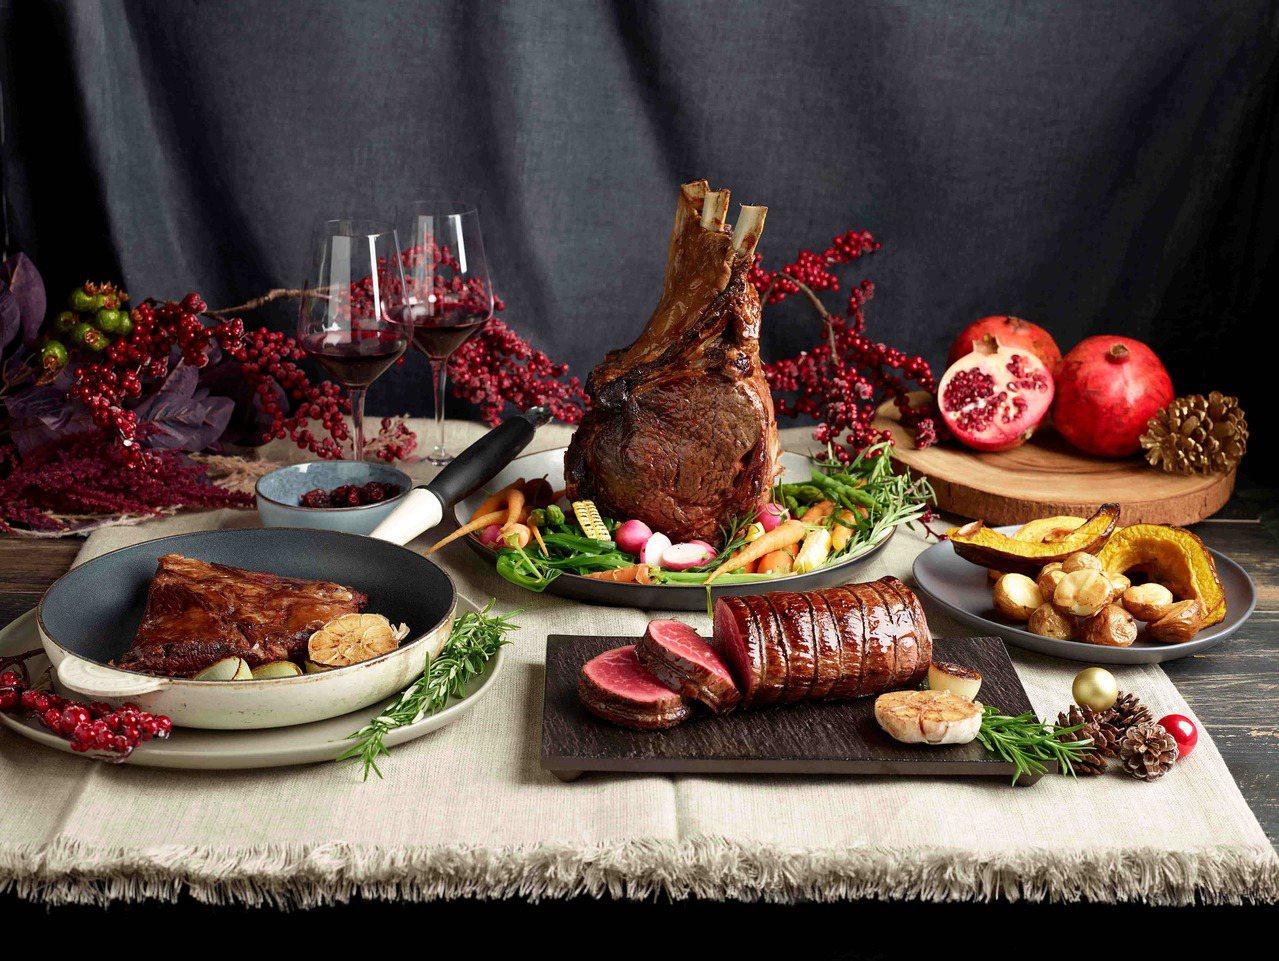 7家頂級牛排老饕夢幻餐廳一同端上肋眼、菲力、紐約客等部位高檔澳洲和牛套餐。 圖/...